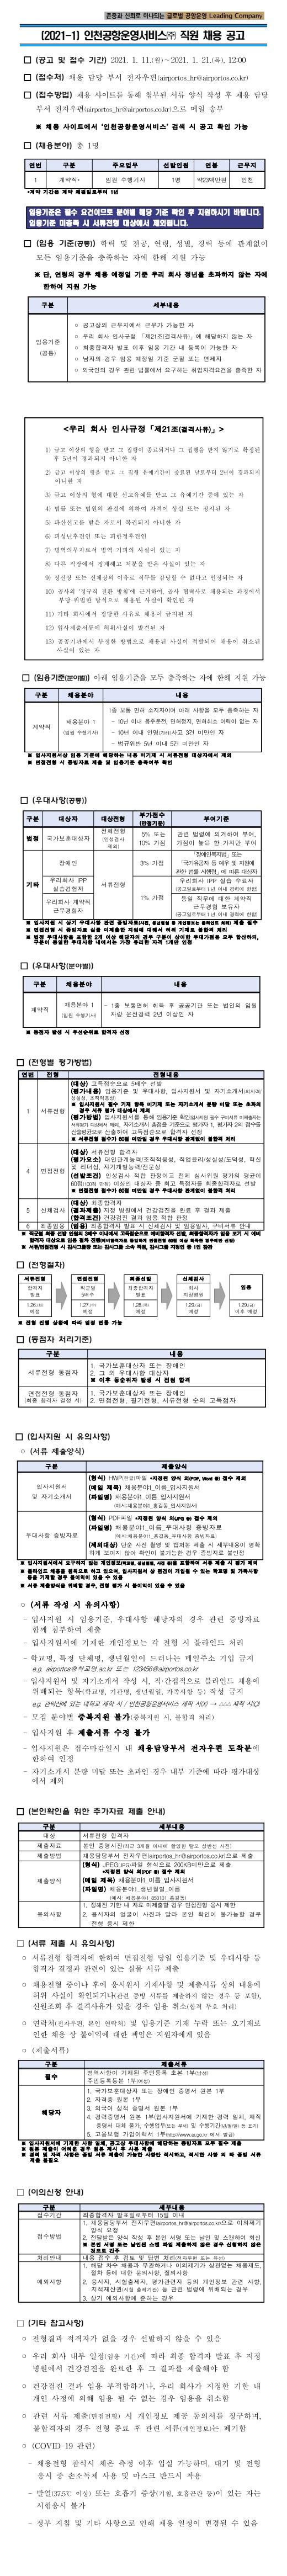 인천공항운영서비스_(2021-1) 직원 채용 공고.jpg